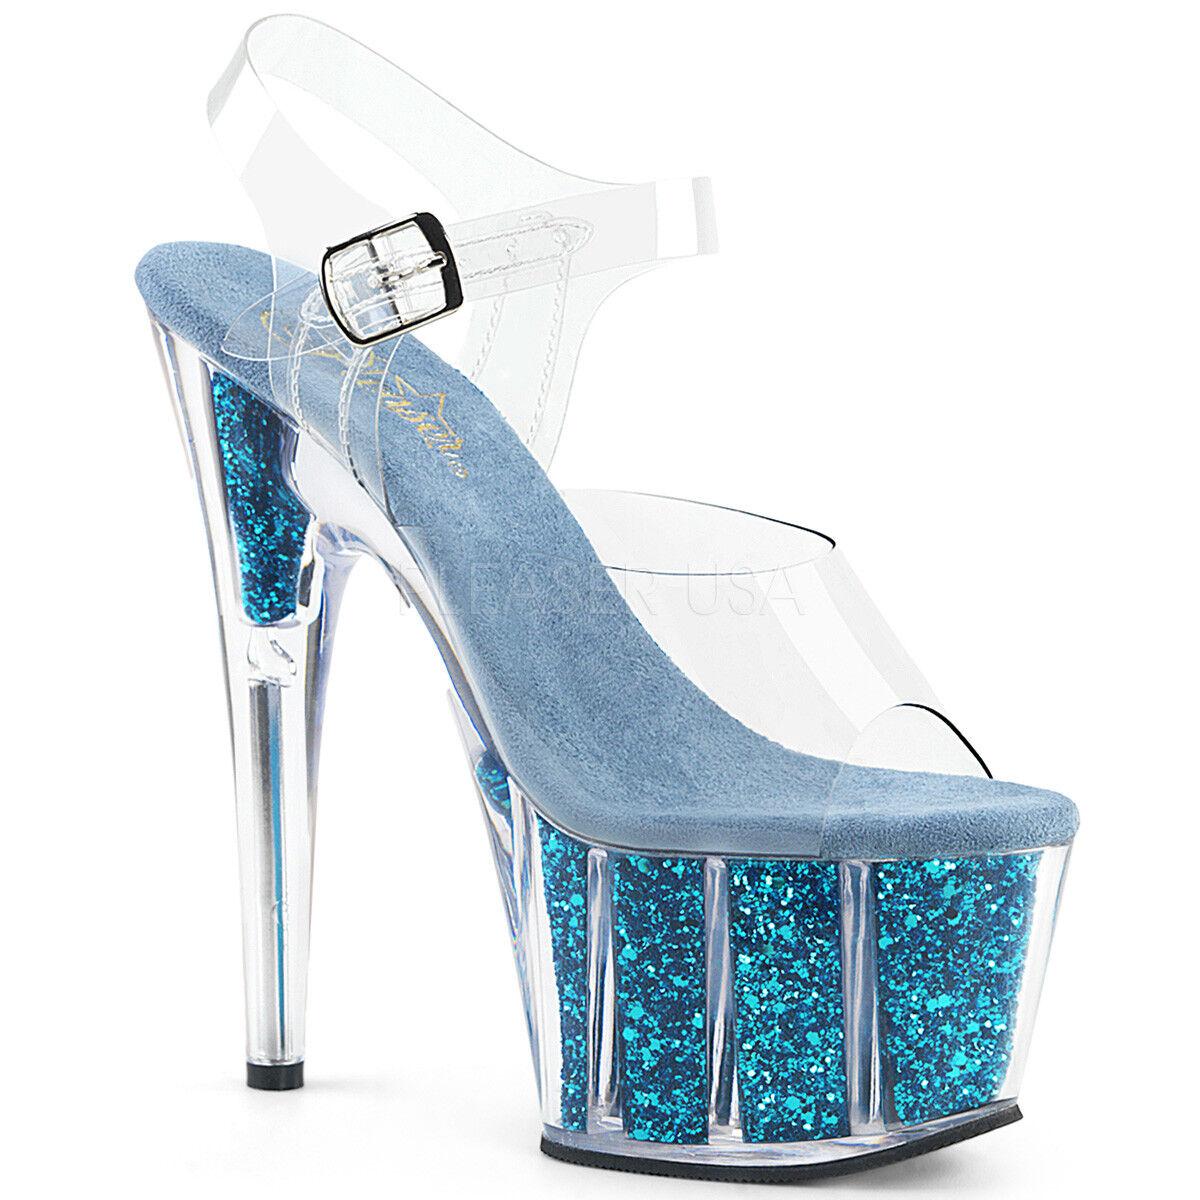 complet dans les spécifications chaussures authentiques personnalisé PLEASER Sexy 7 Talon Paillettes rempli Plateforme danseuse ...